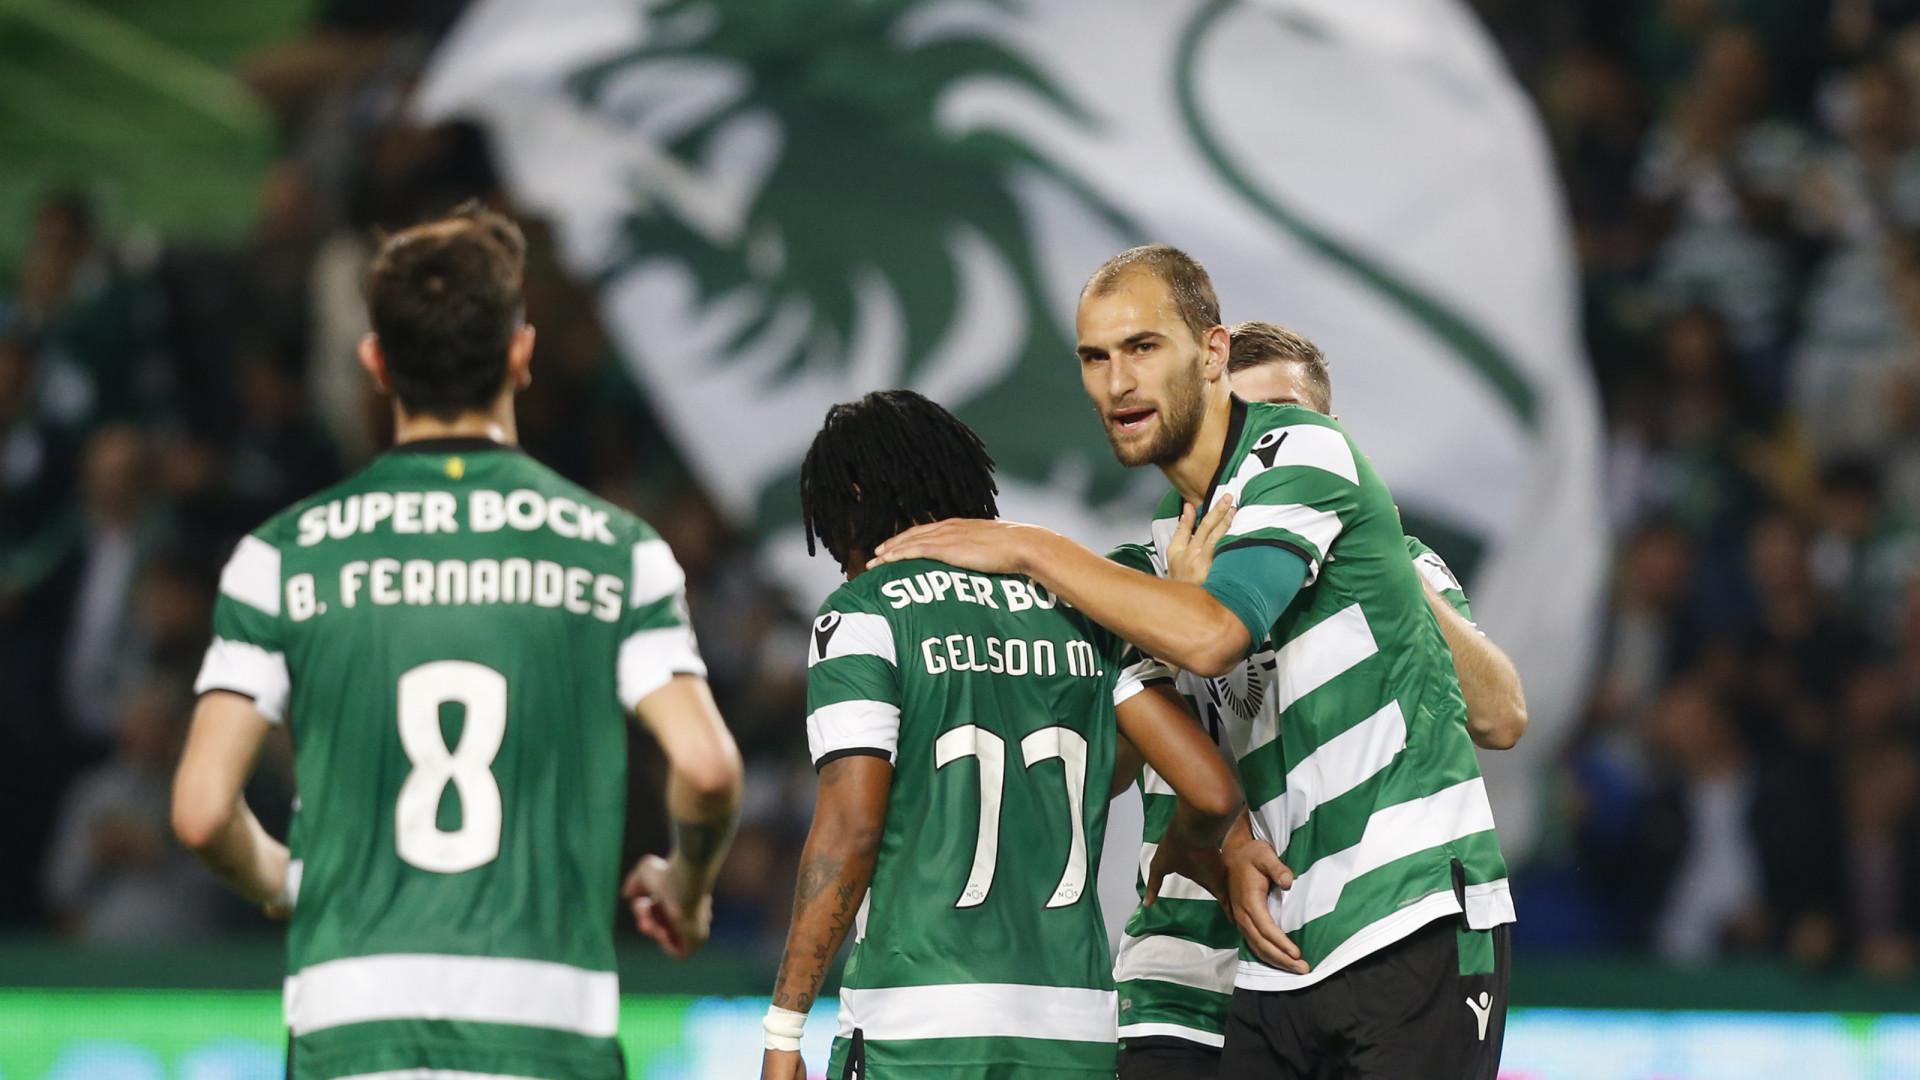 Sporting venceu o Boavista por 1-0 num duelo relativo à 31.ª jornada da  Liga portuguesa. 2485faff19df7